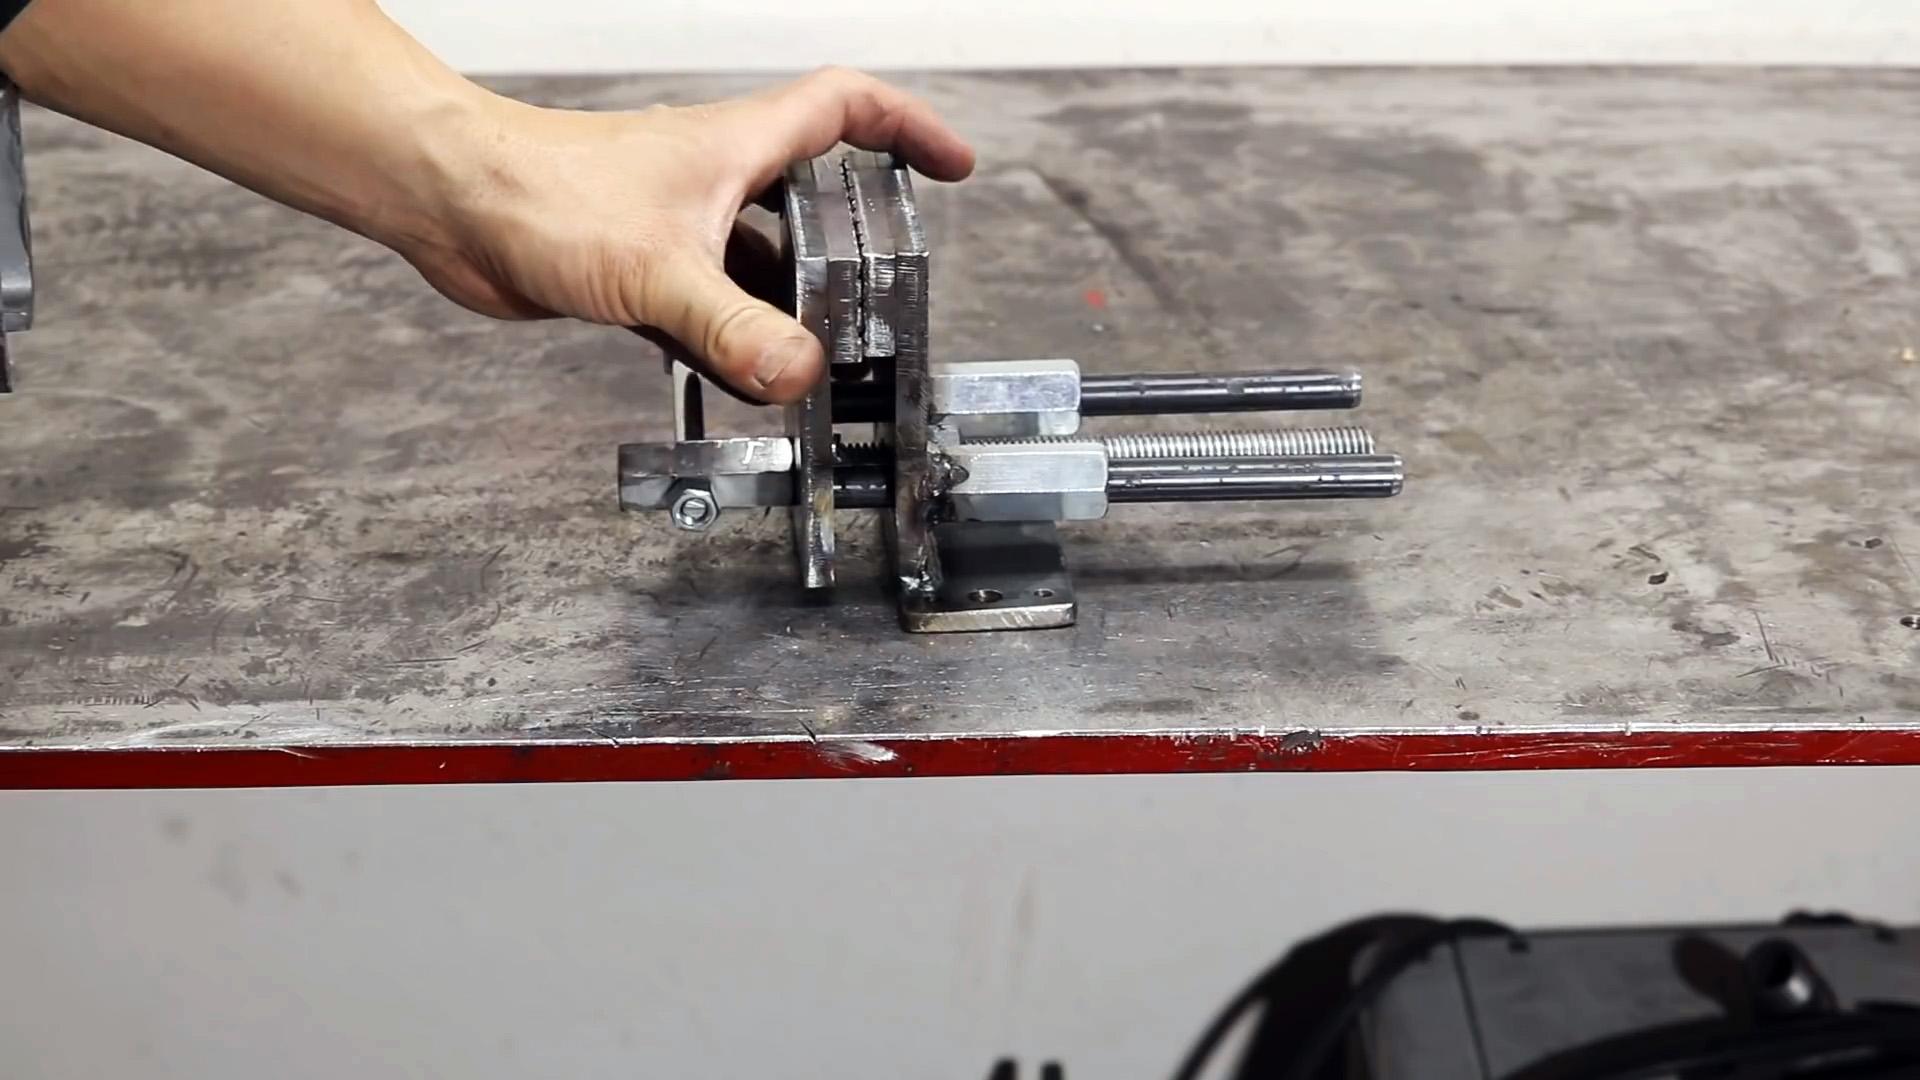 Простая конструкция тисков, которую легко повторить своими руками